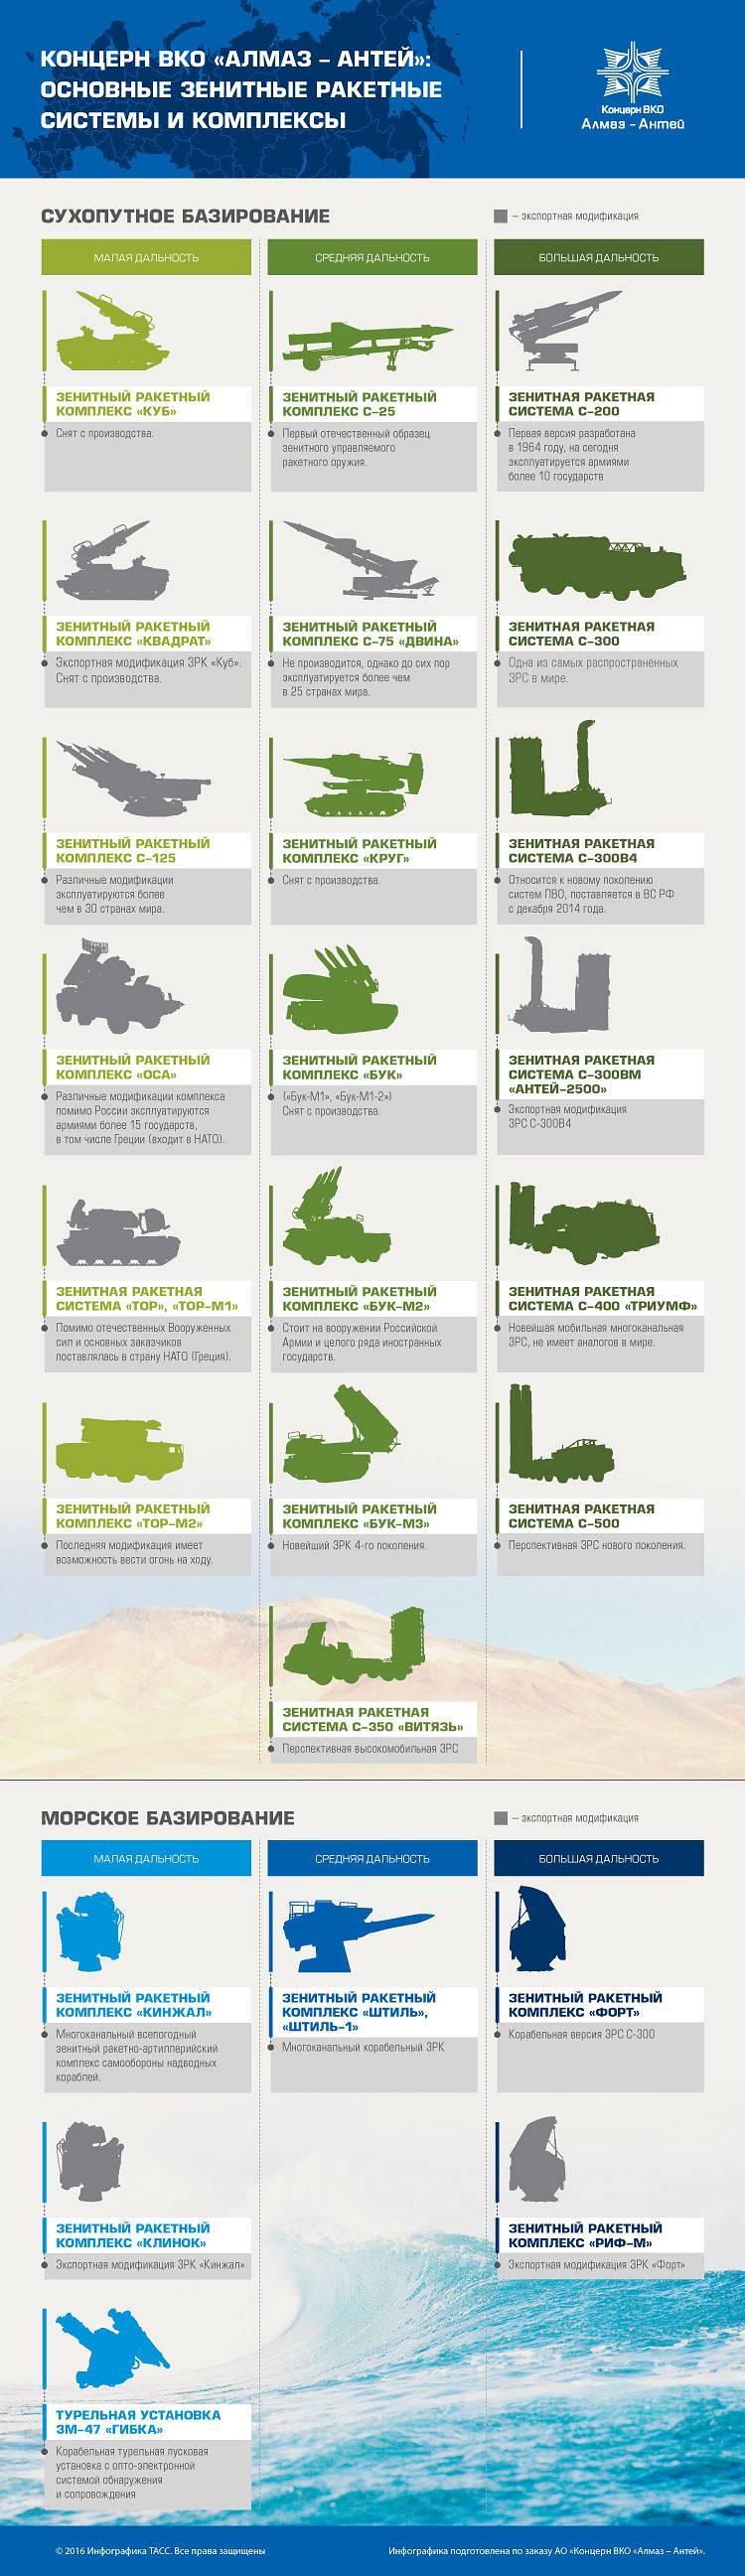 """Les complexes de missiles anti-aériens concernent """"Almaz-Antey"""". Infographie"""